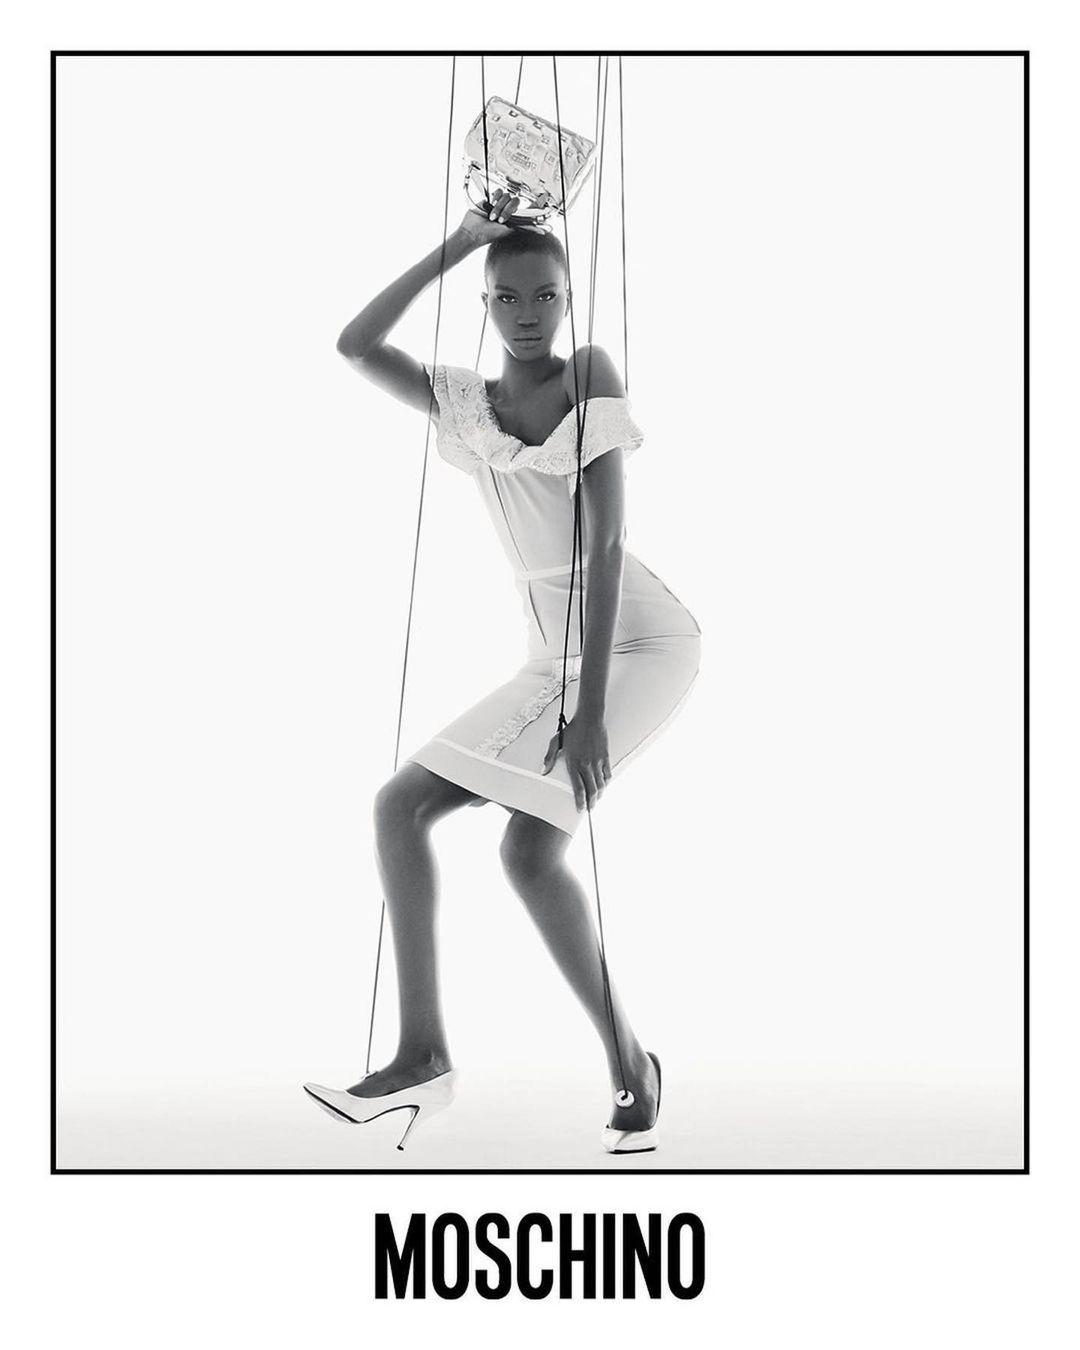 Ирина Шейк и Белла Хадид превратились в марионеток в новой рекламе Moschino (ФОТО) - фото №4